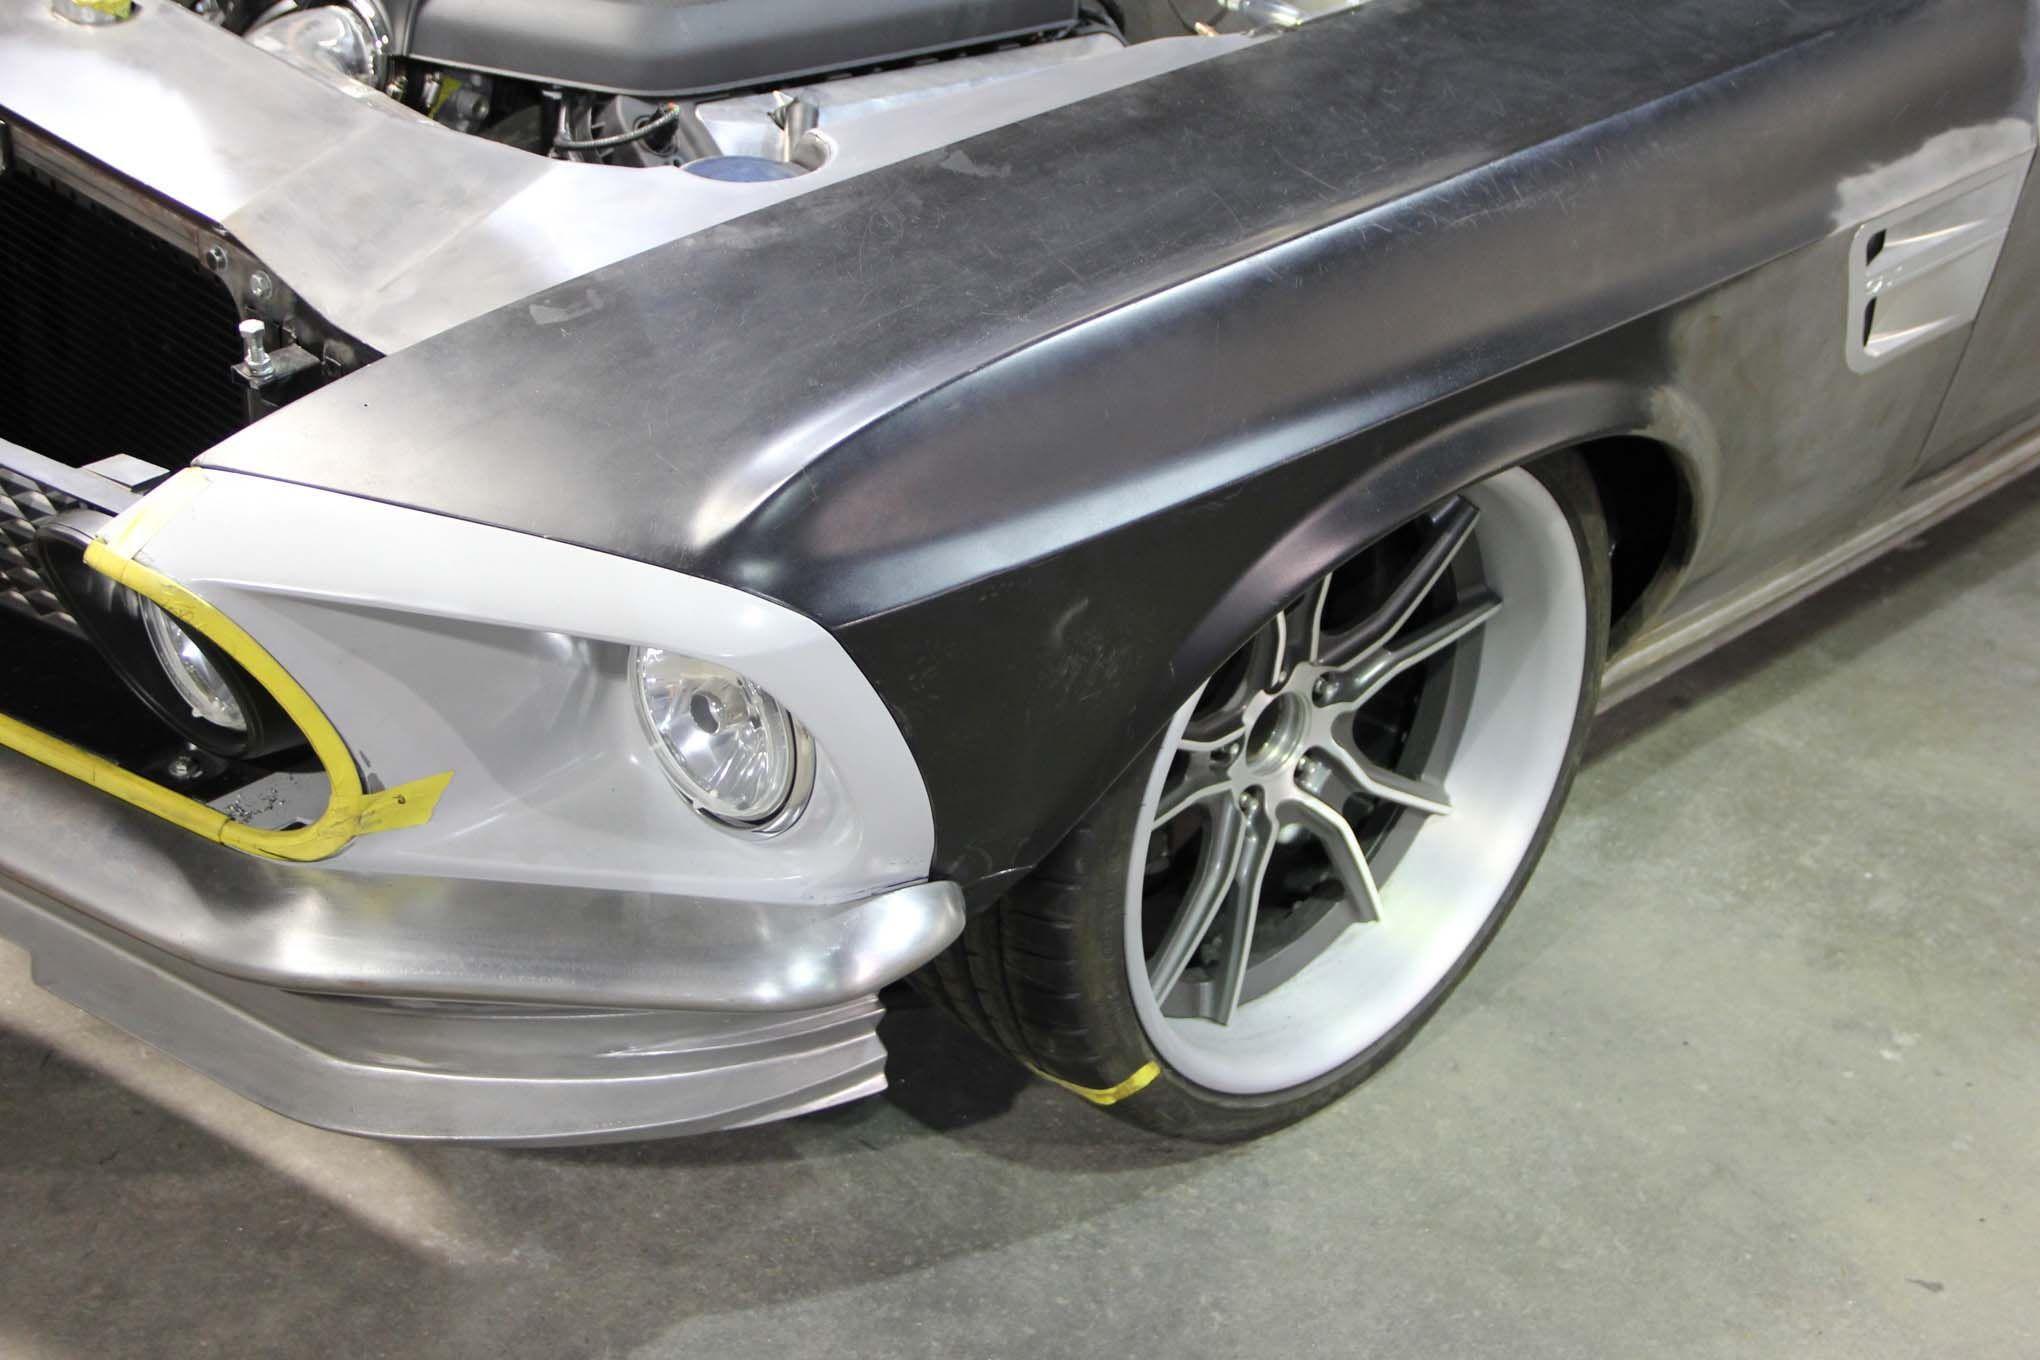 Pin By Sakol On Mongkolkasevroom Classic Cars Mustang Ford Mustang